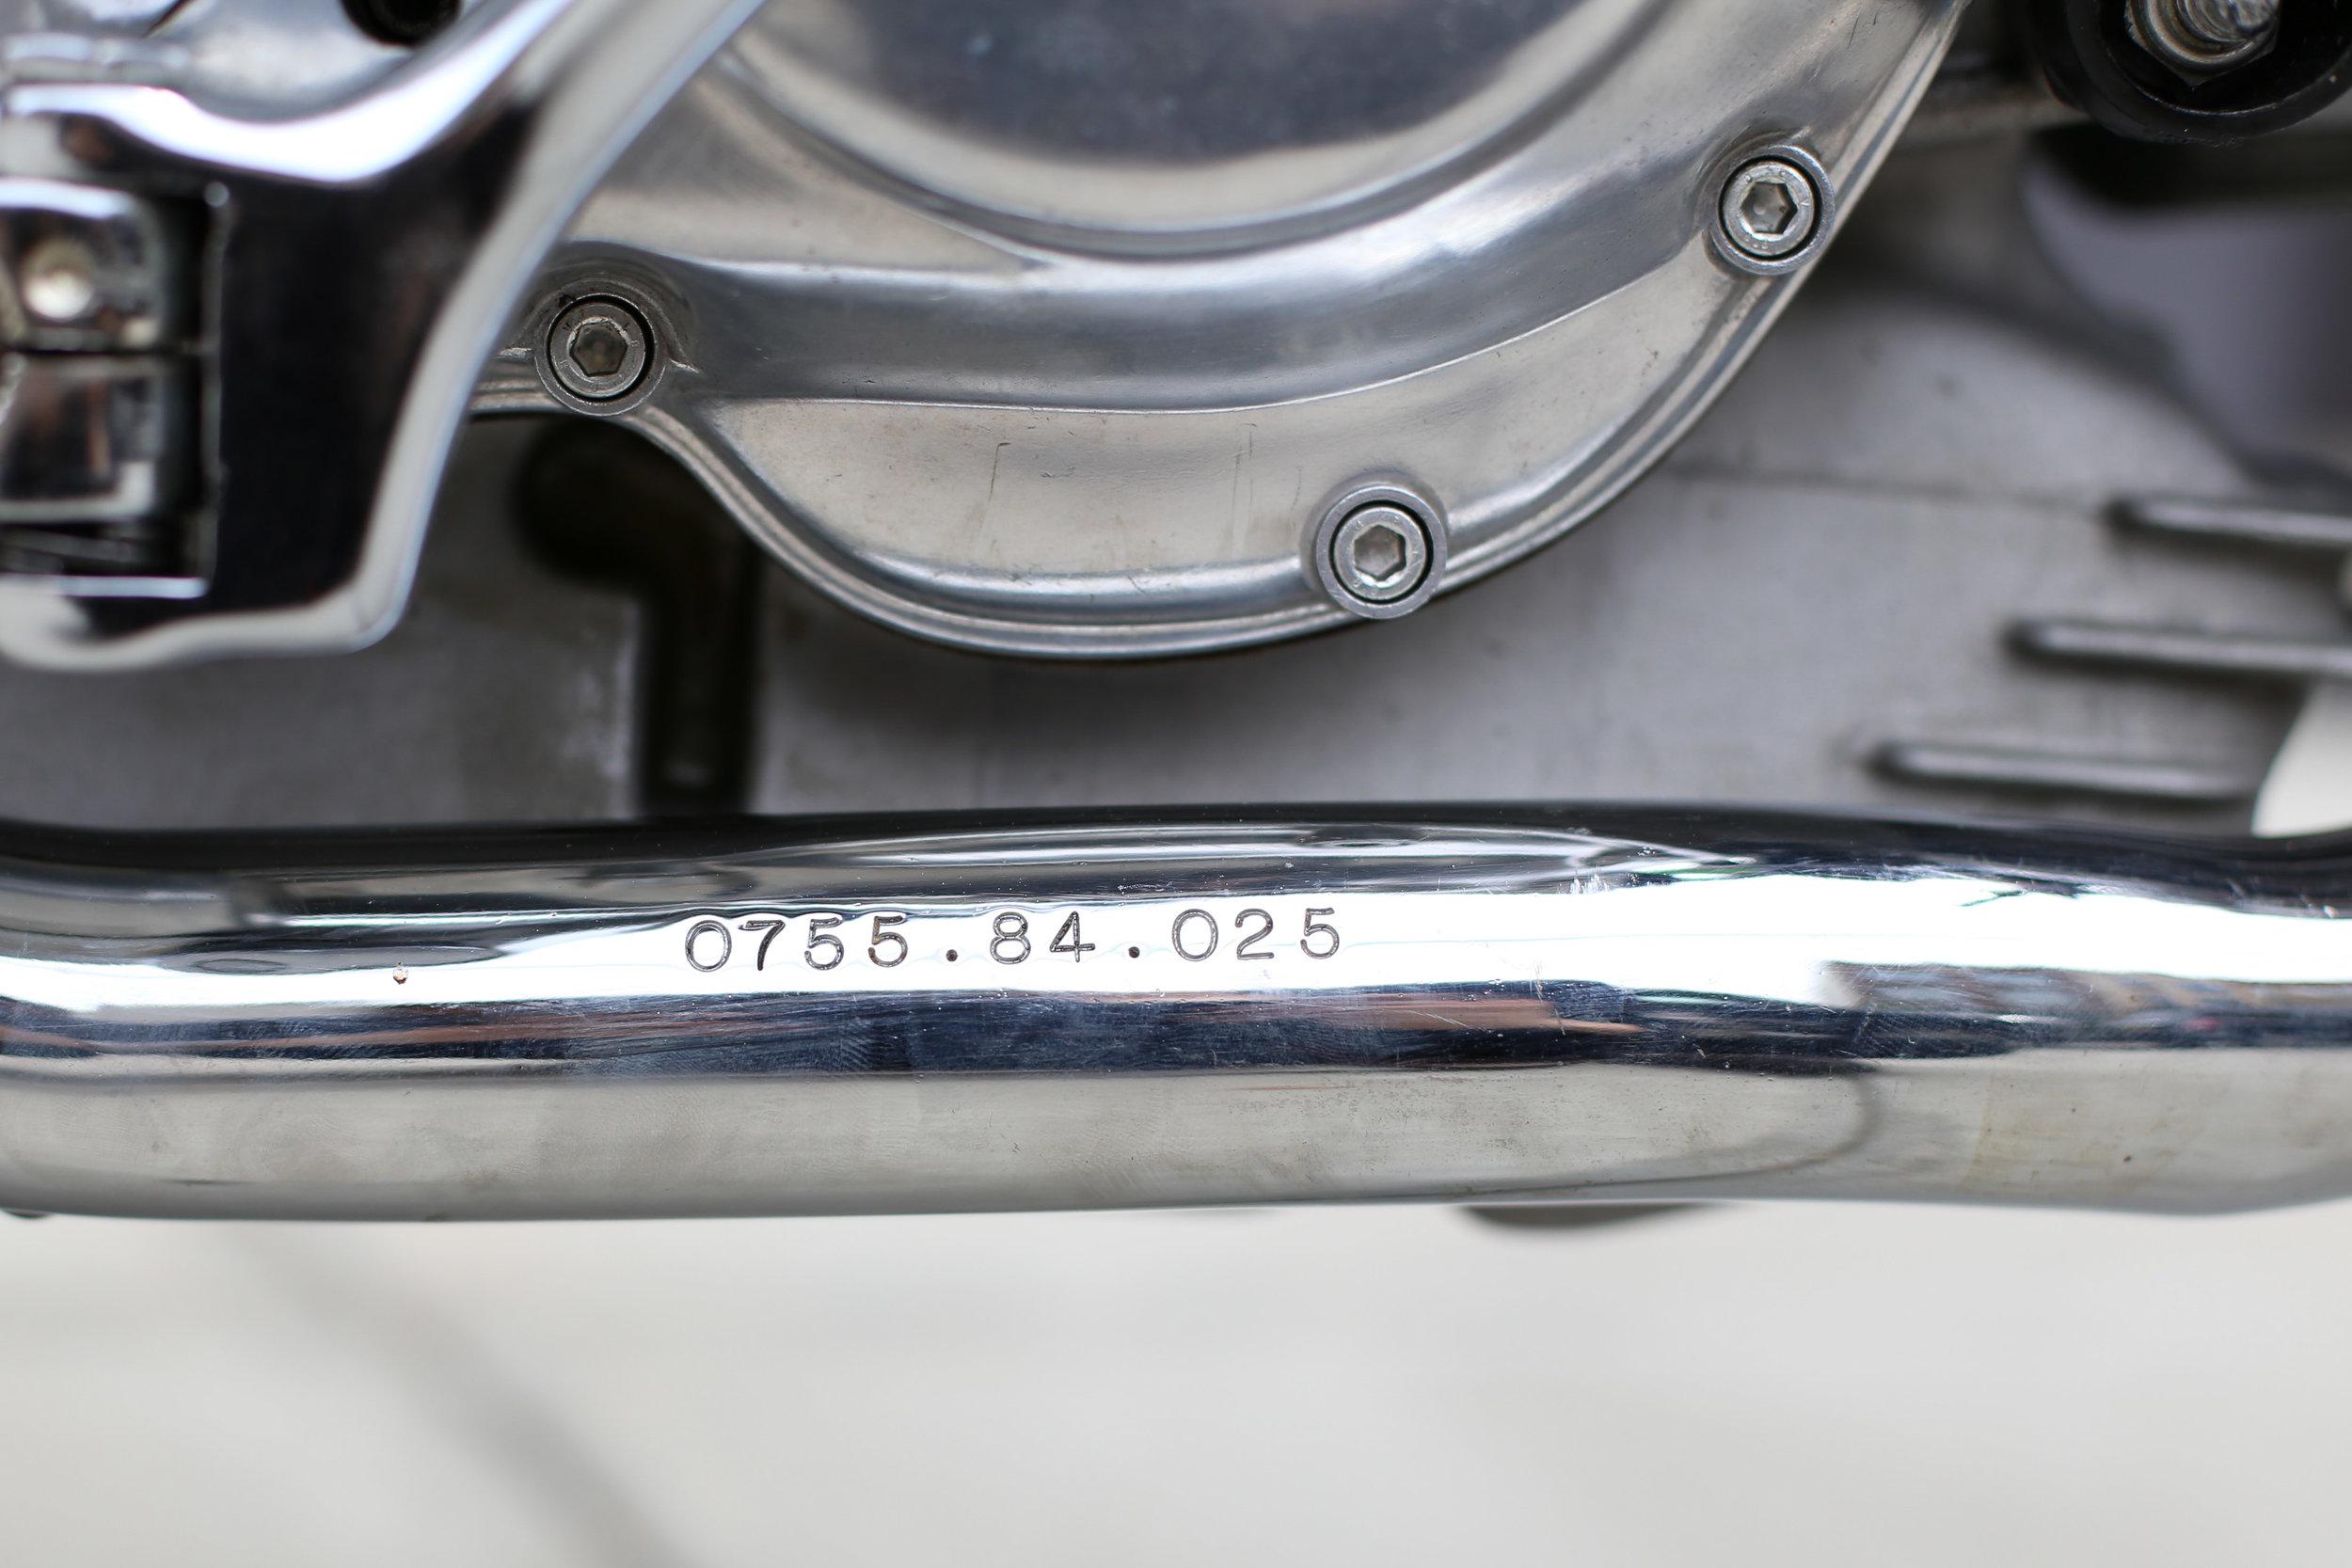 1974 Ducati 750S Exhaust